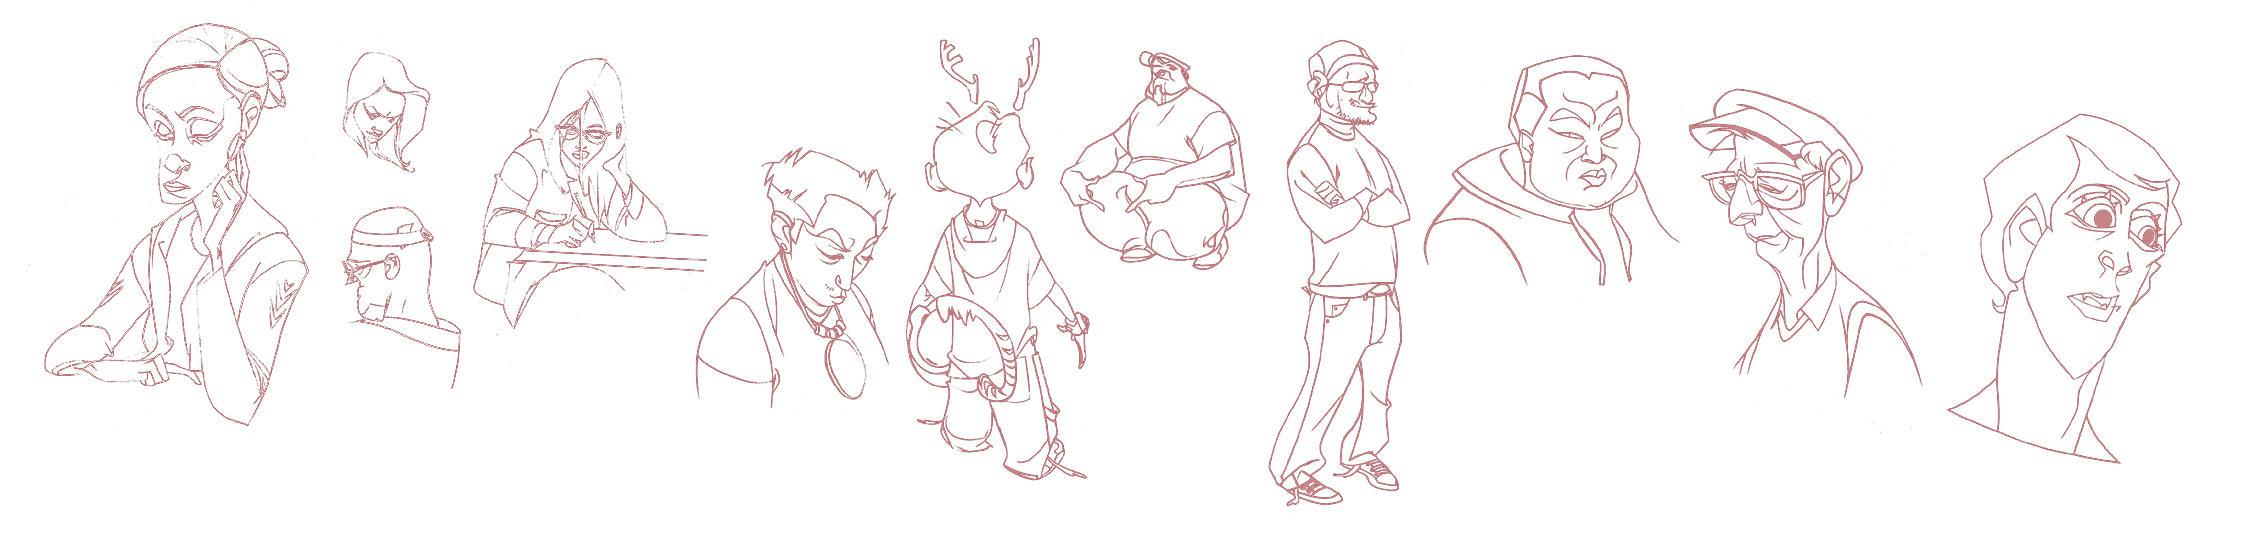 Figures by ayanimeya